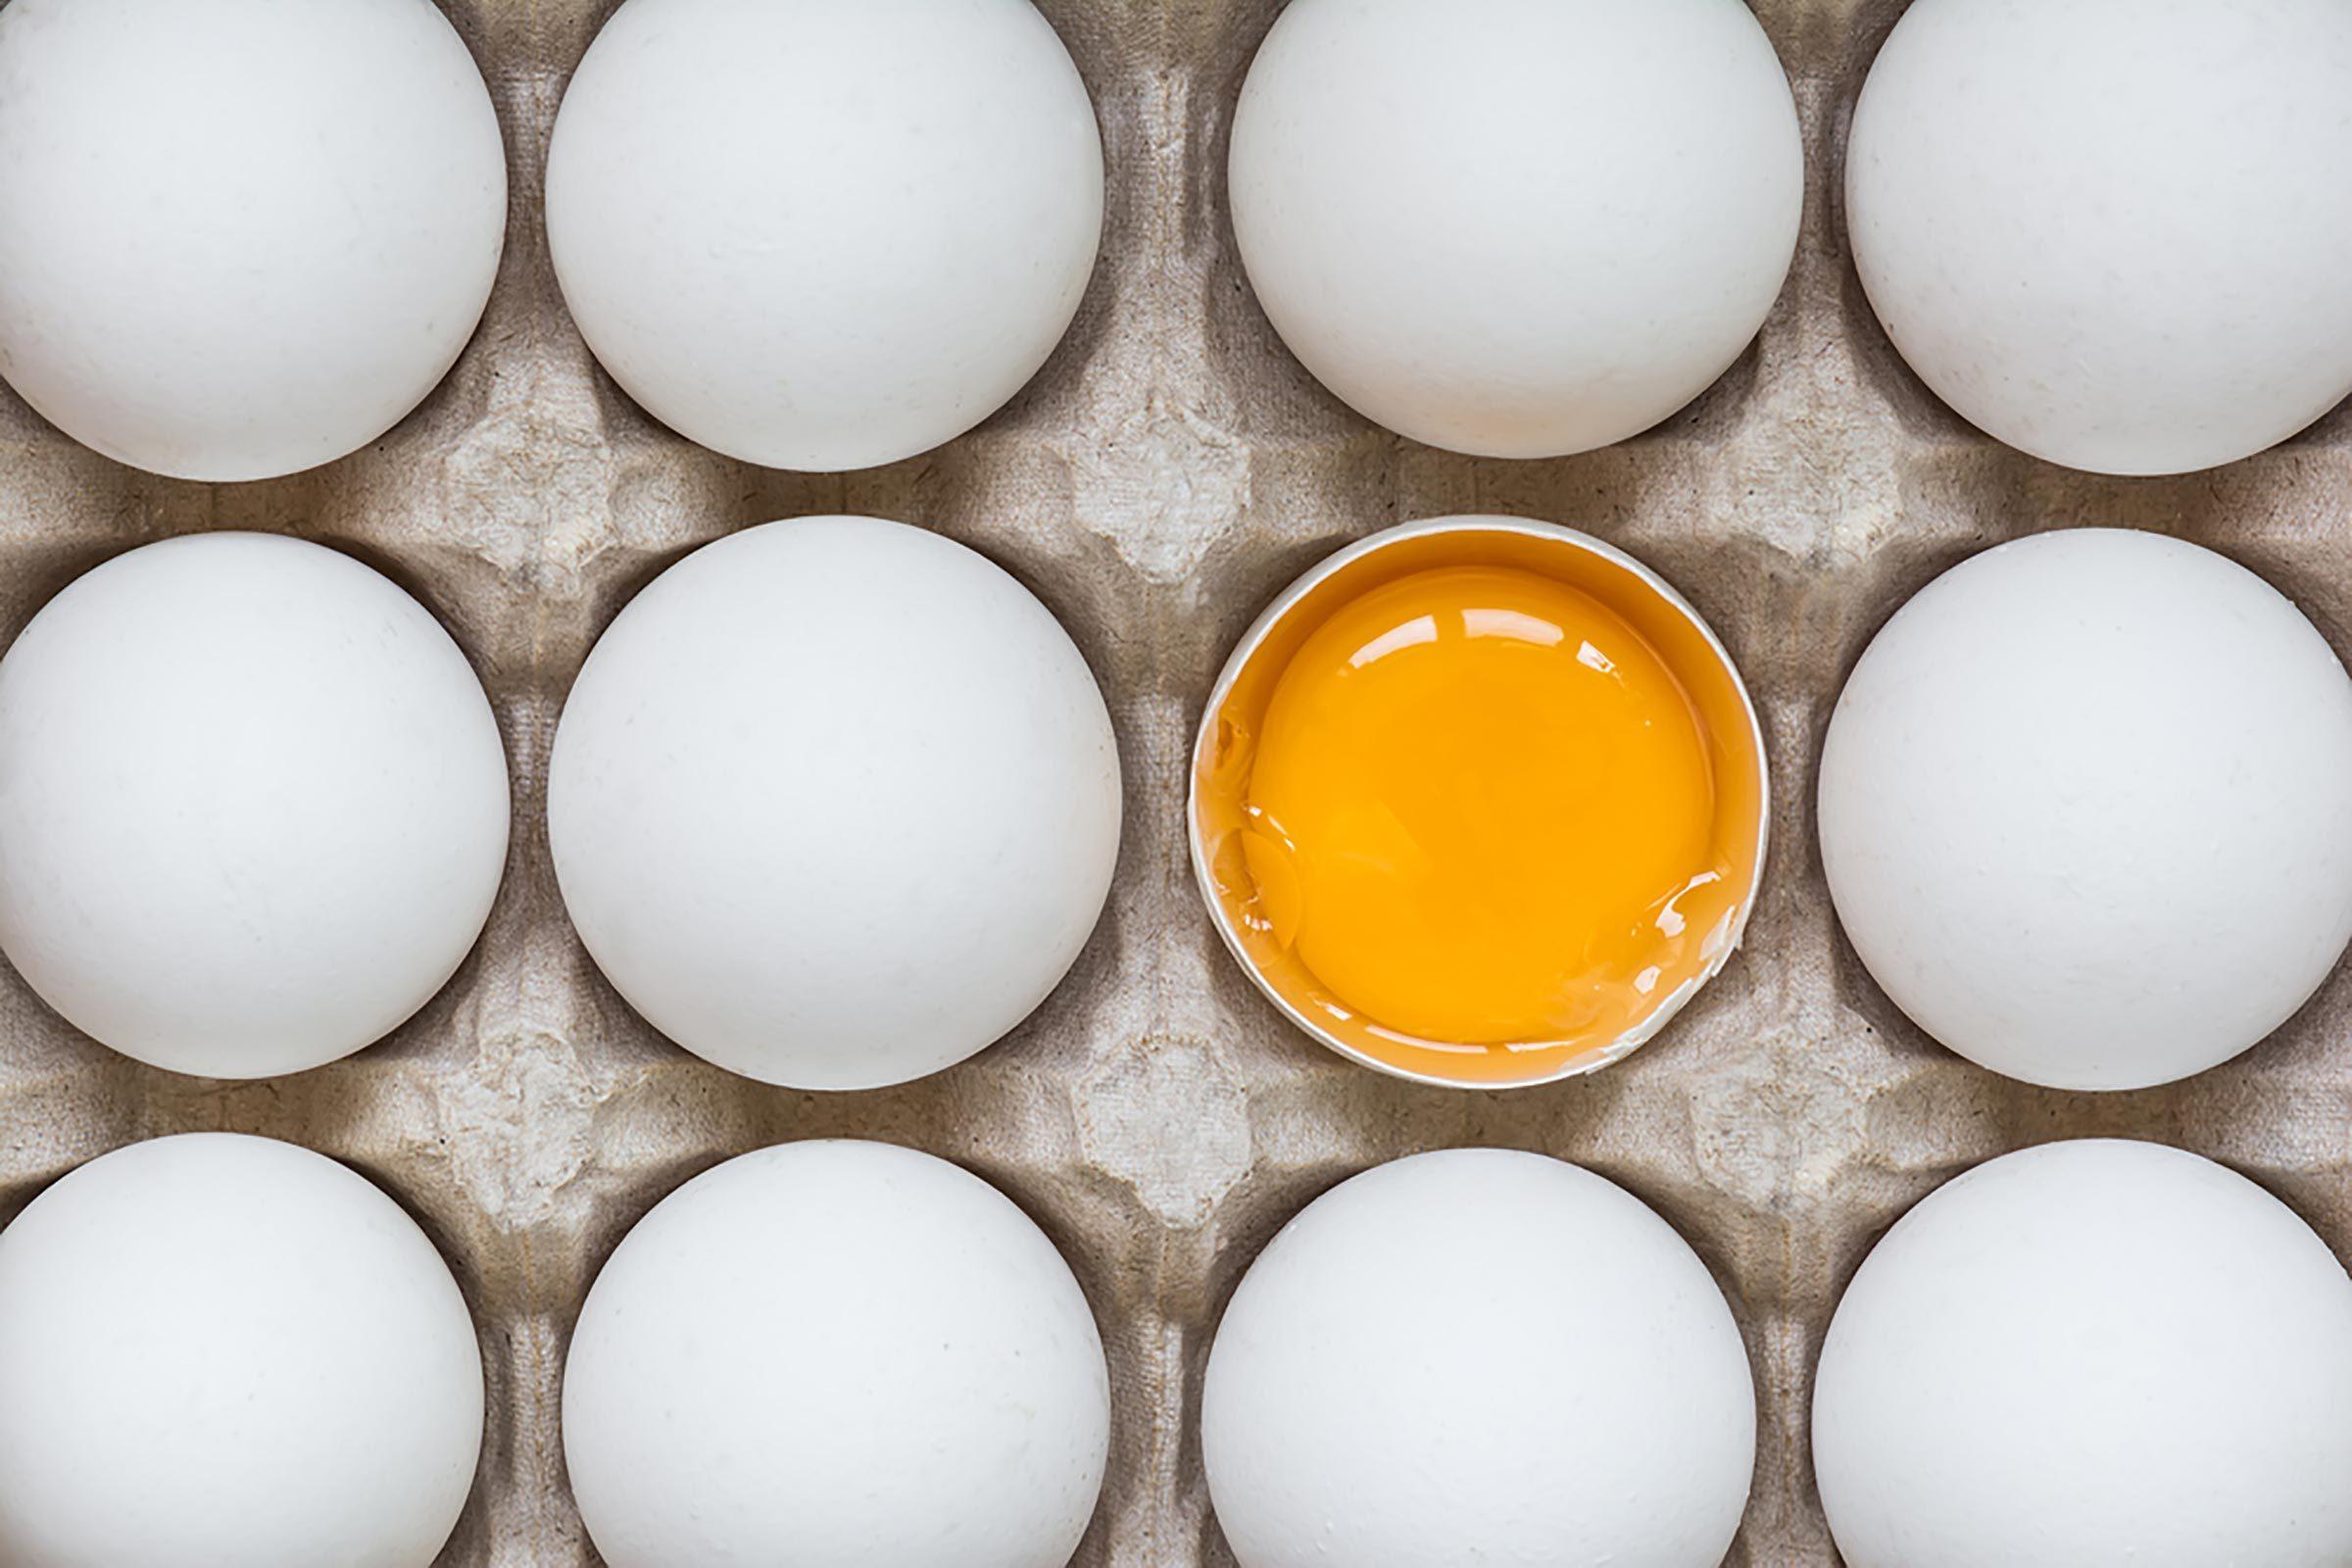 Manger des œufs au déjeuner, pour augmenter son espérance de vie